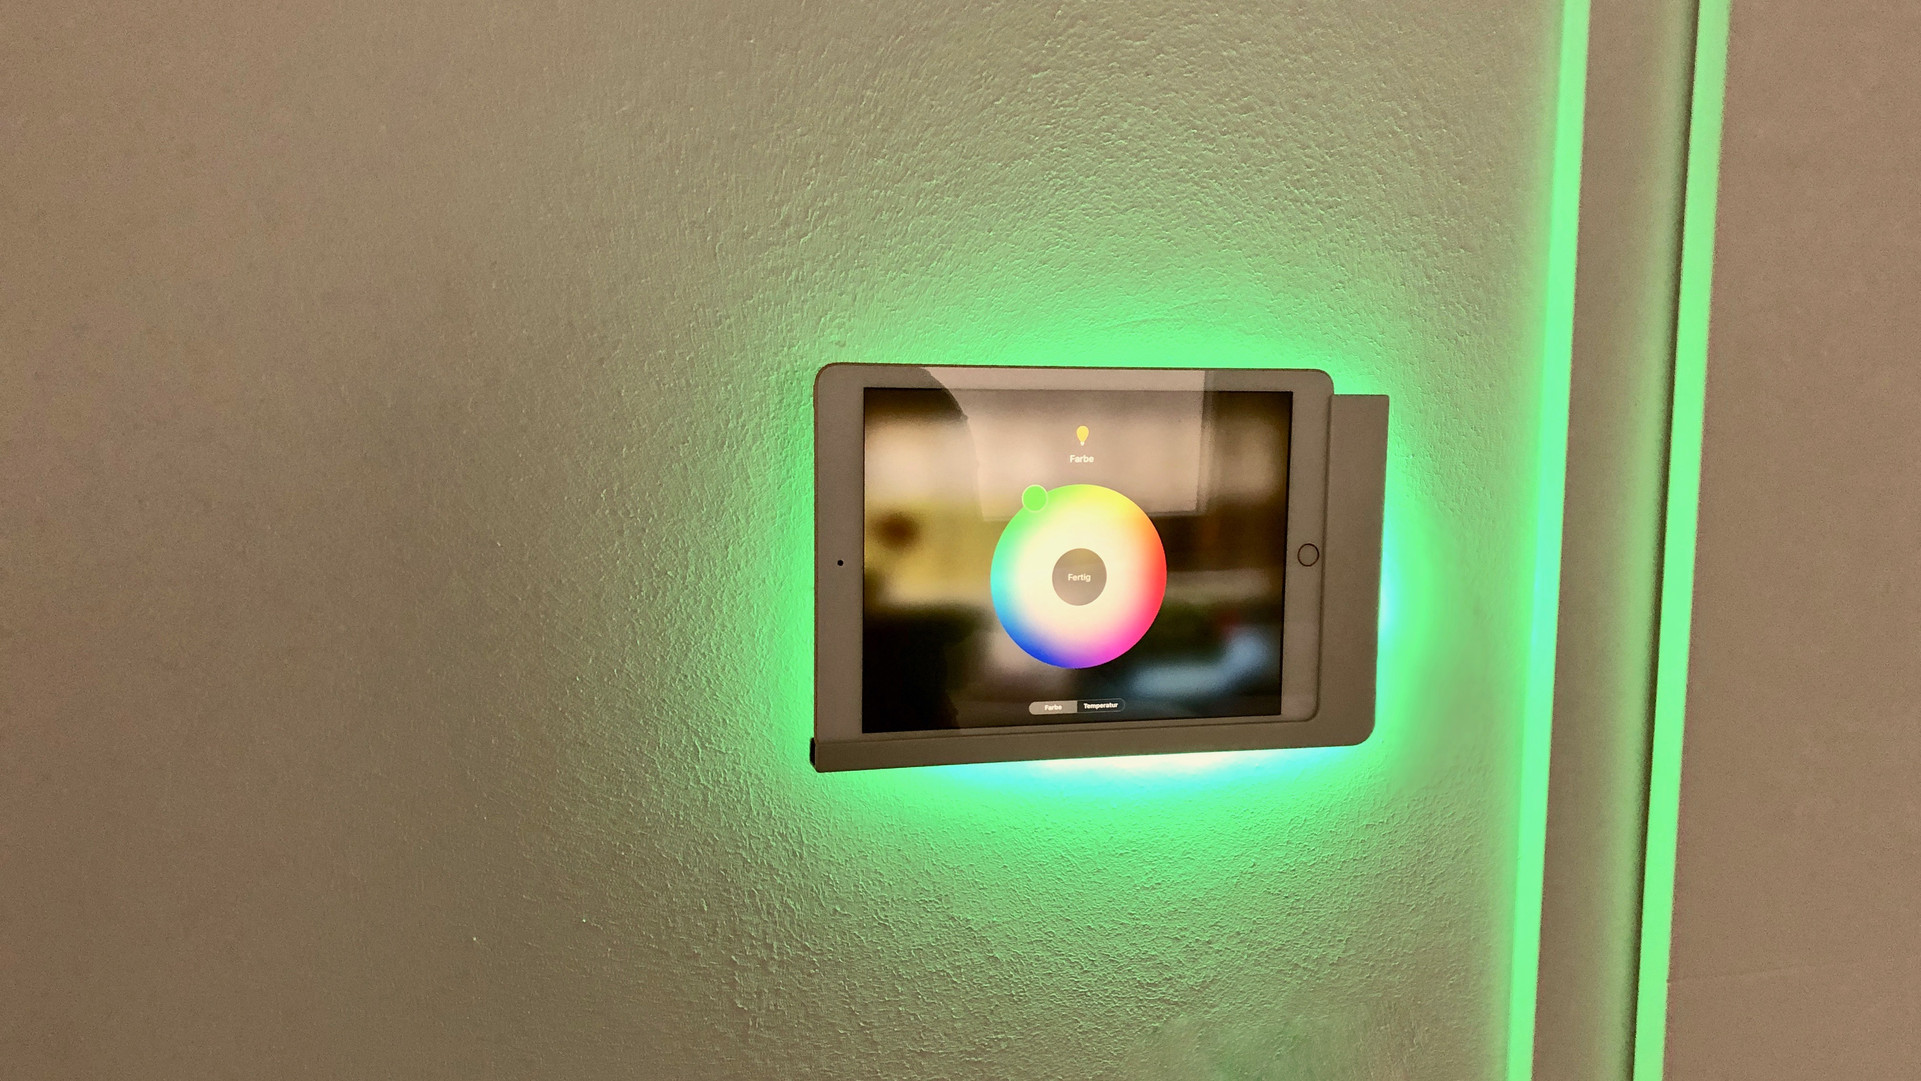 Die Weltweit erste beleuchtete Wandhalterung - Viveroo Free Wandhalterungen & FOS Intelligent Light Automation